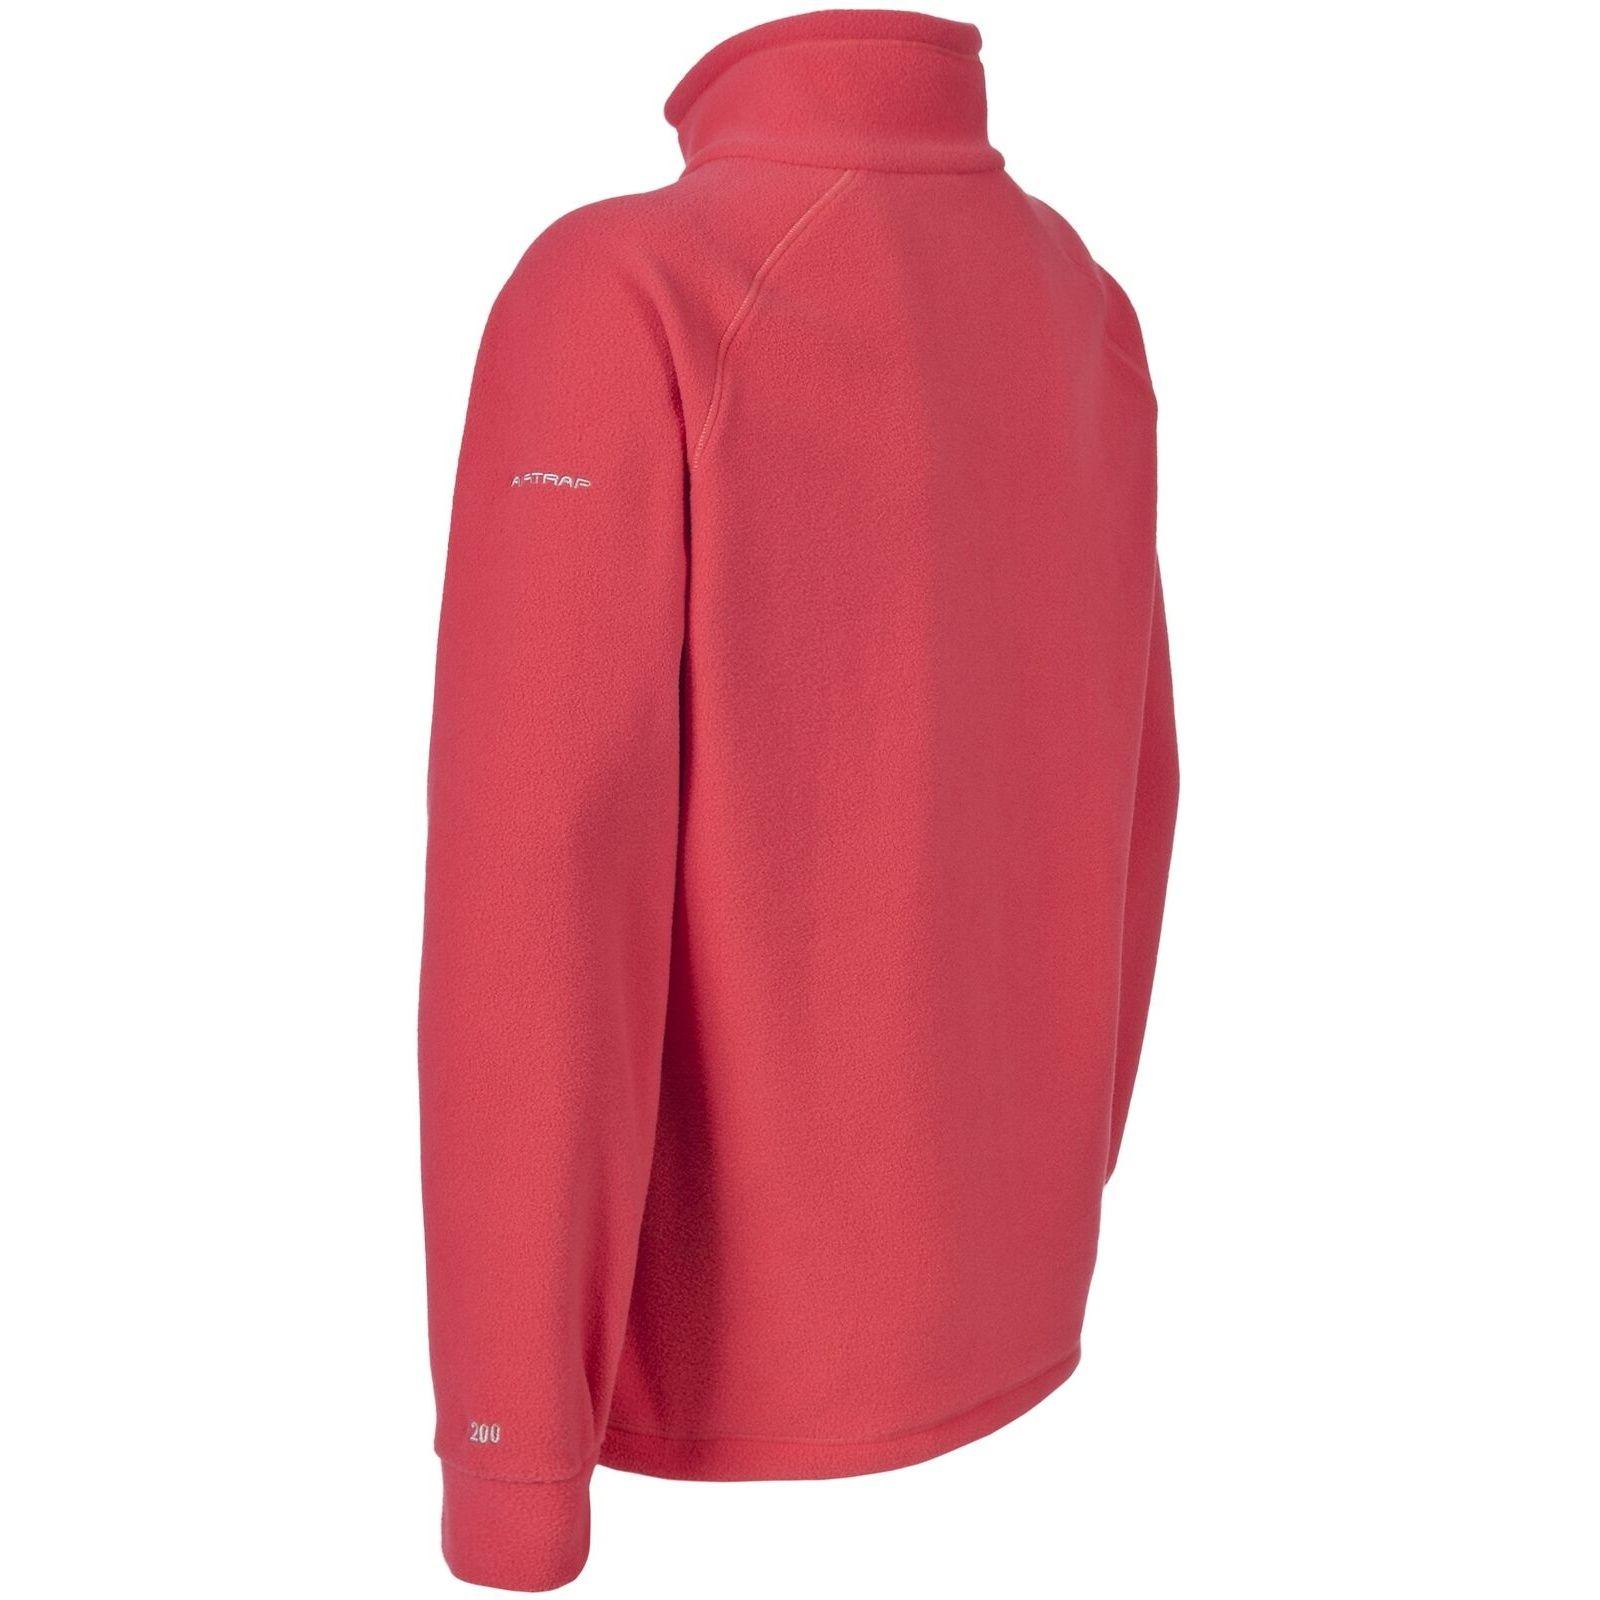 Trespass Womens/Ladies Clarice Full Zip Fleece Jacket